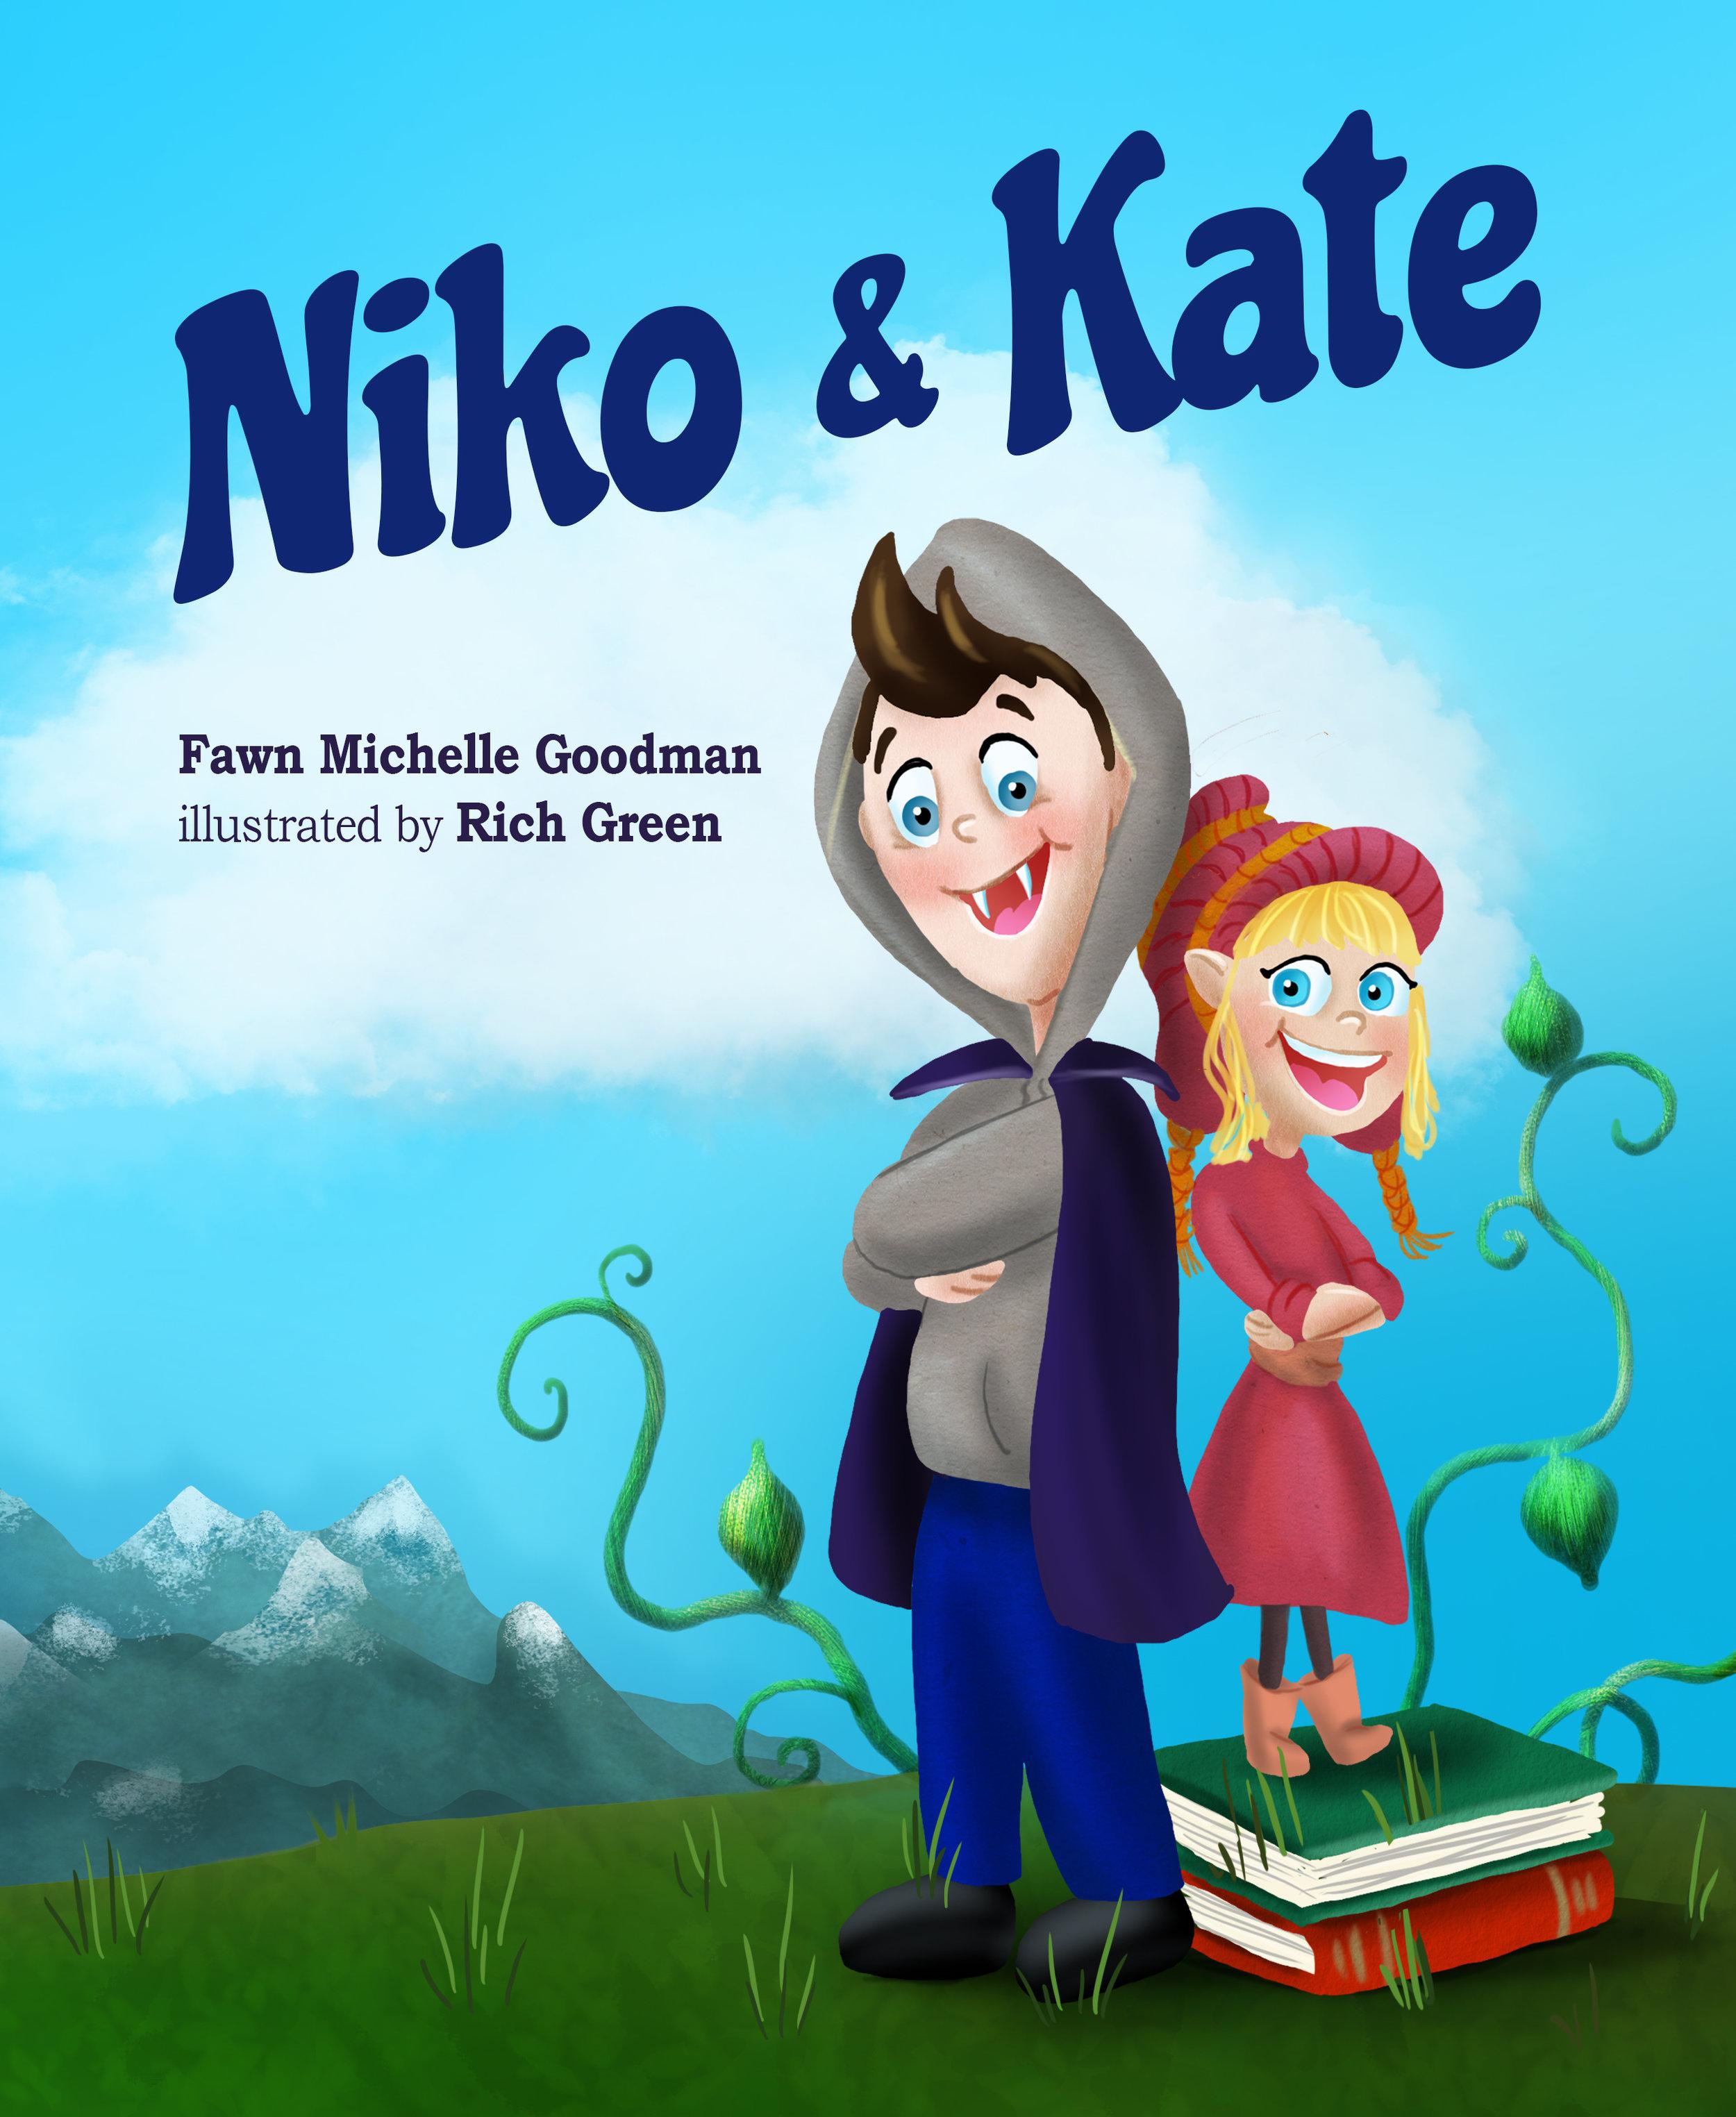 Niko & Kate - by Fawn Michelle Goodman